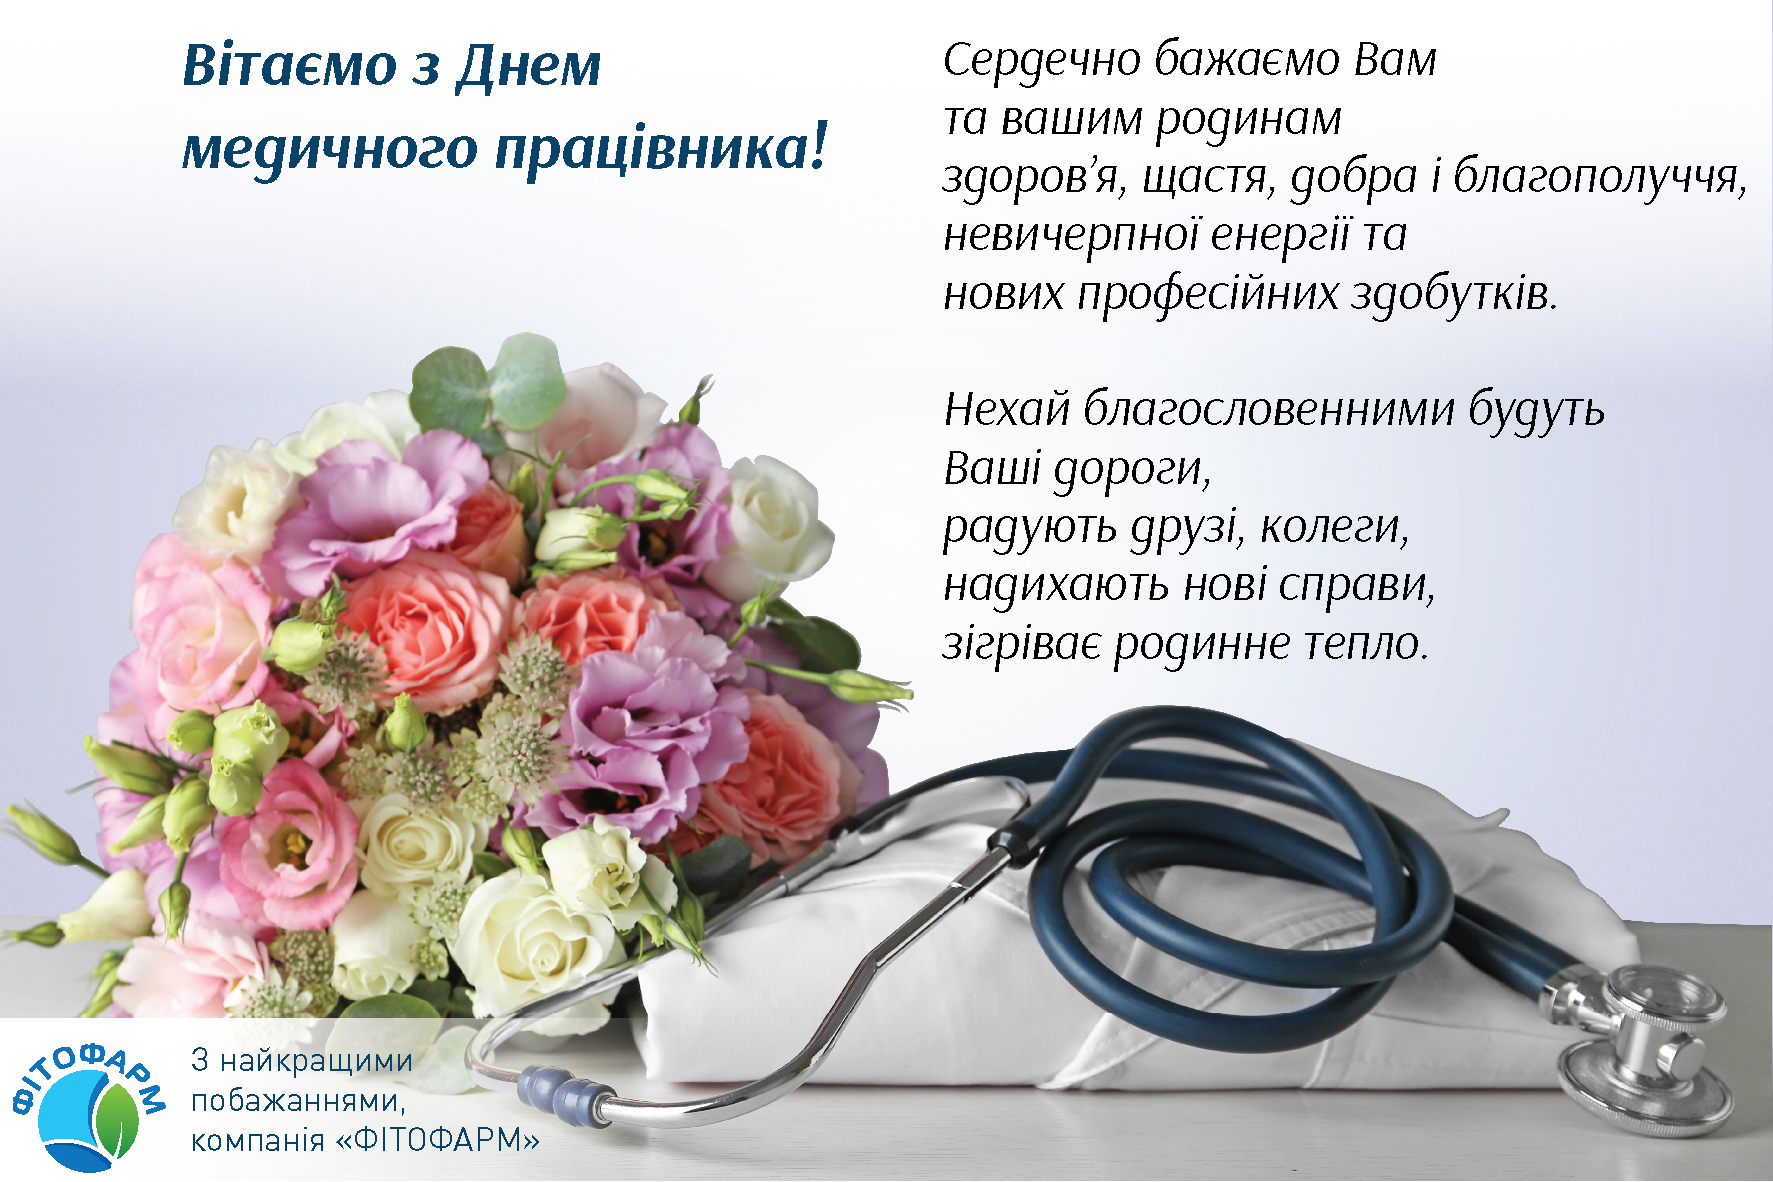 вітання з Днем Медичного Працівника